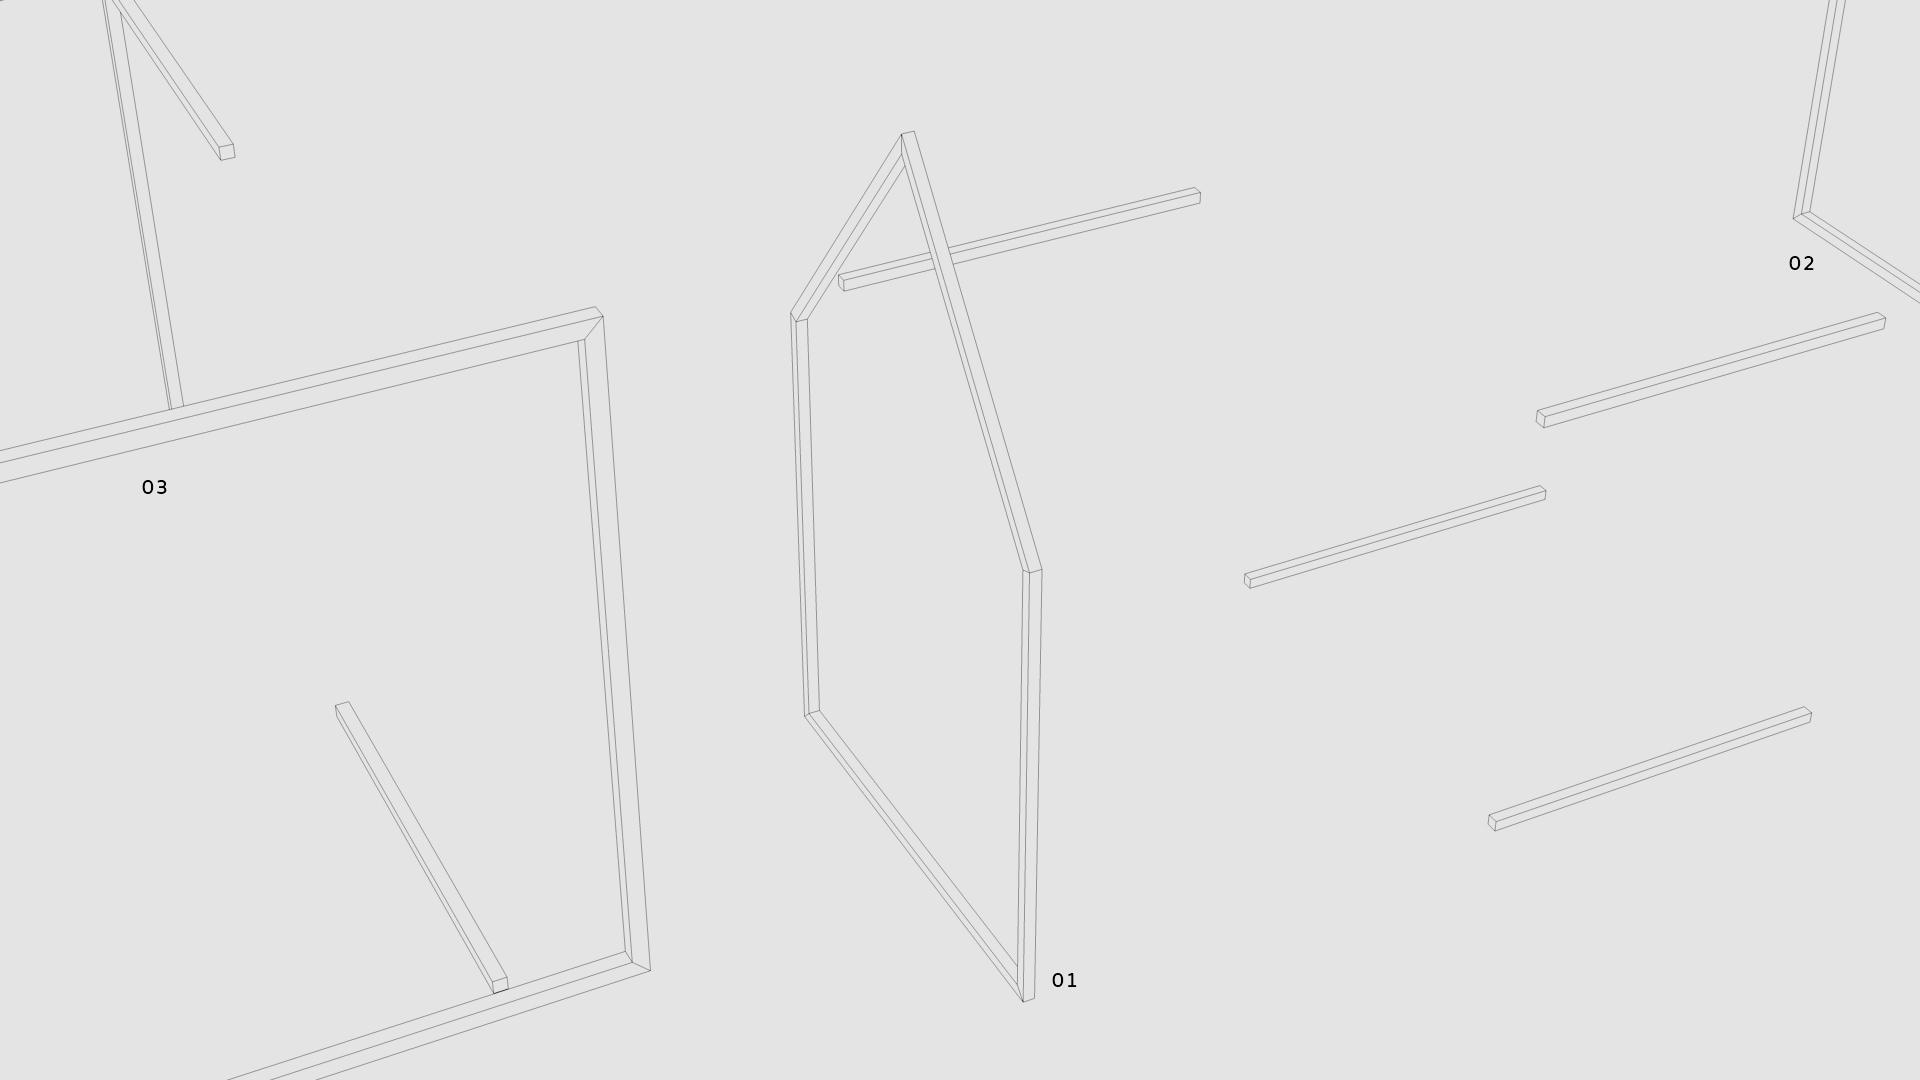 Volkswagen_ID_Sketch_02